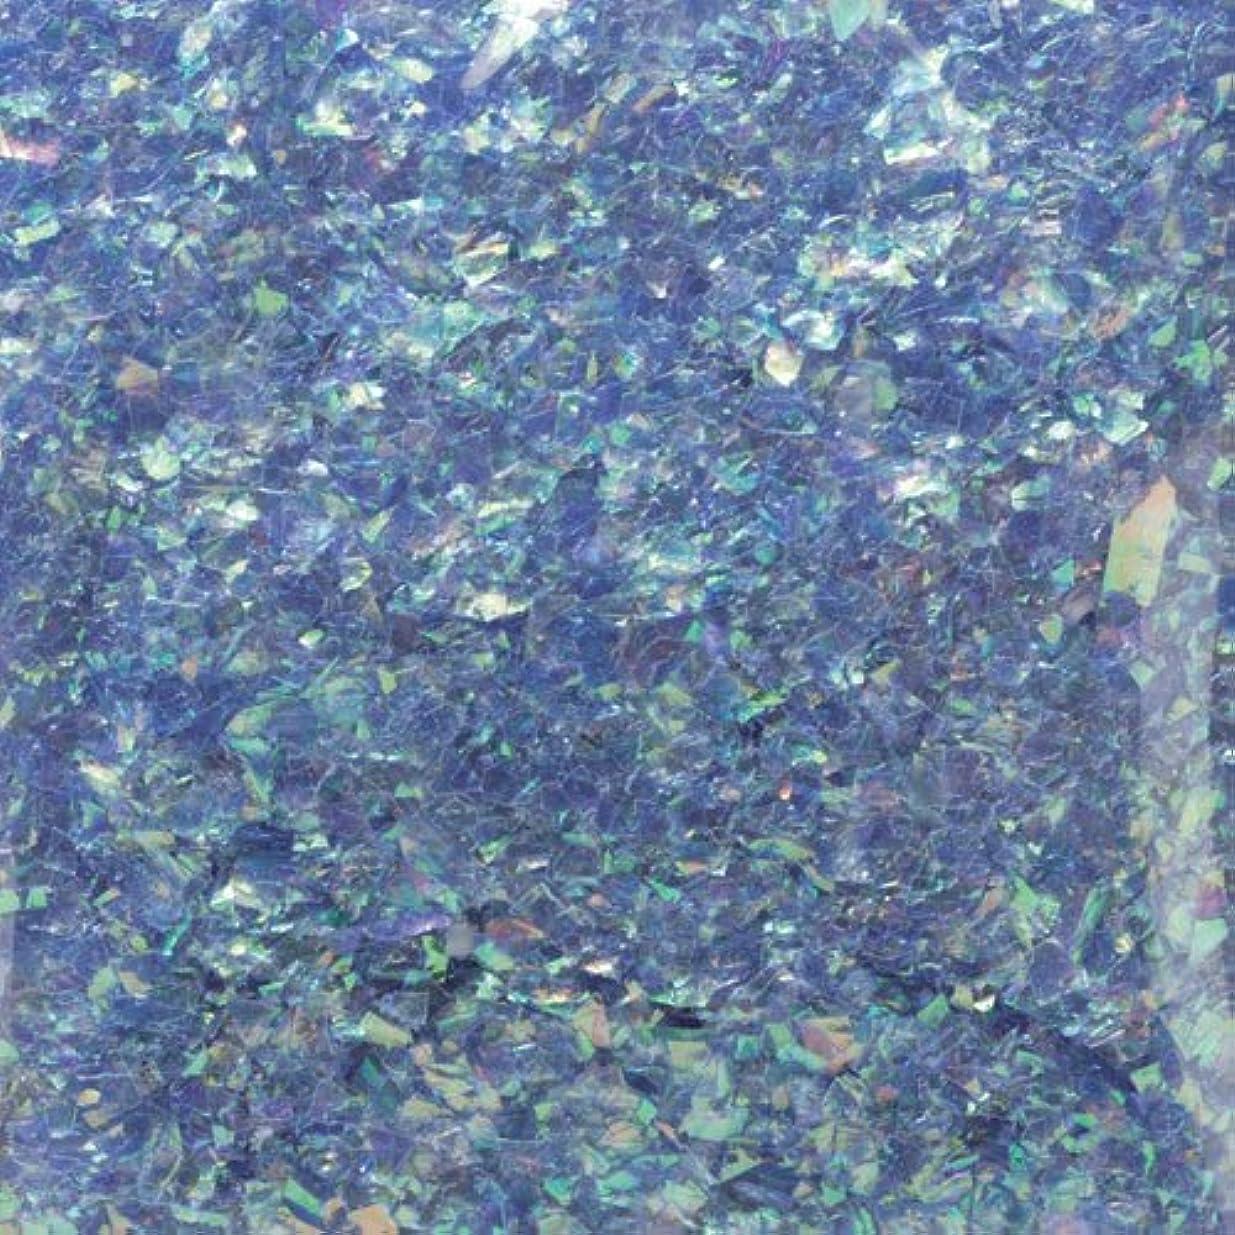 実質的に中断オフセットピカエース ネイル用パウダー ピカエース 乱切オーロラ #717 ブルー 1g アート材